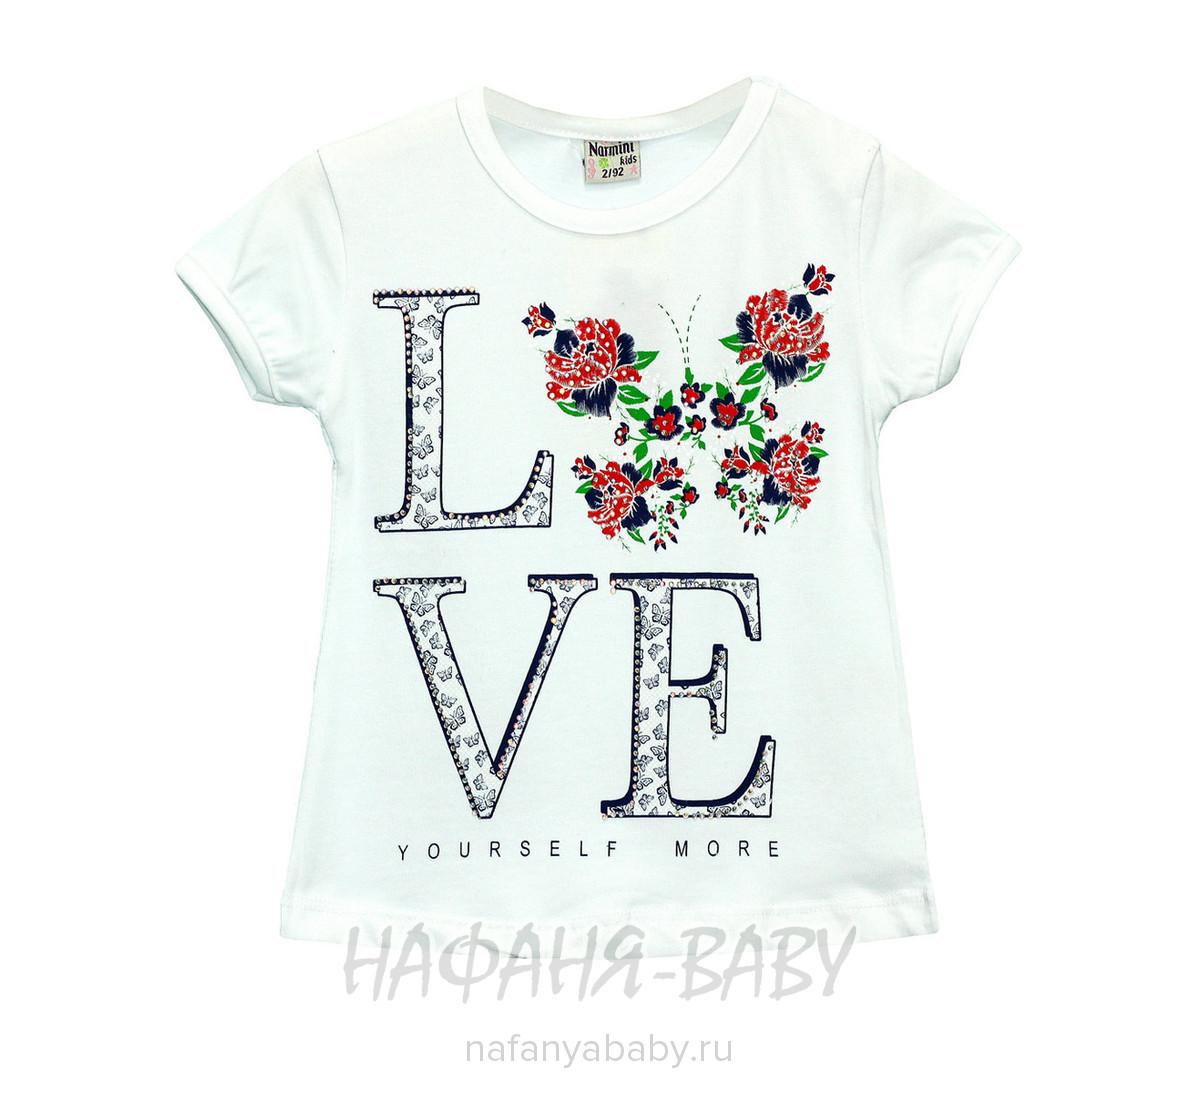 Детская футболка NARMINI арт: 5536, 5-9 лет, 1-4 года, цвет белый, оптом Турция